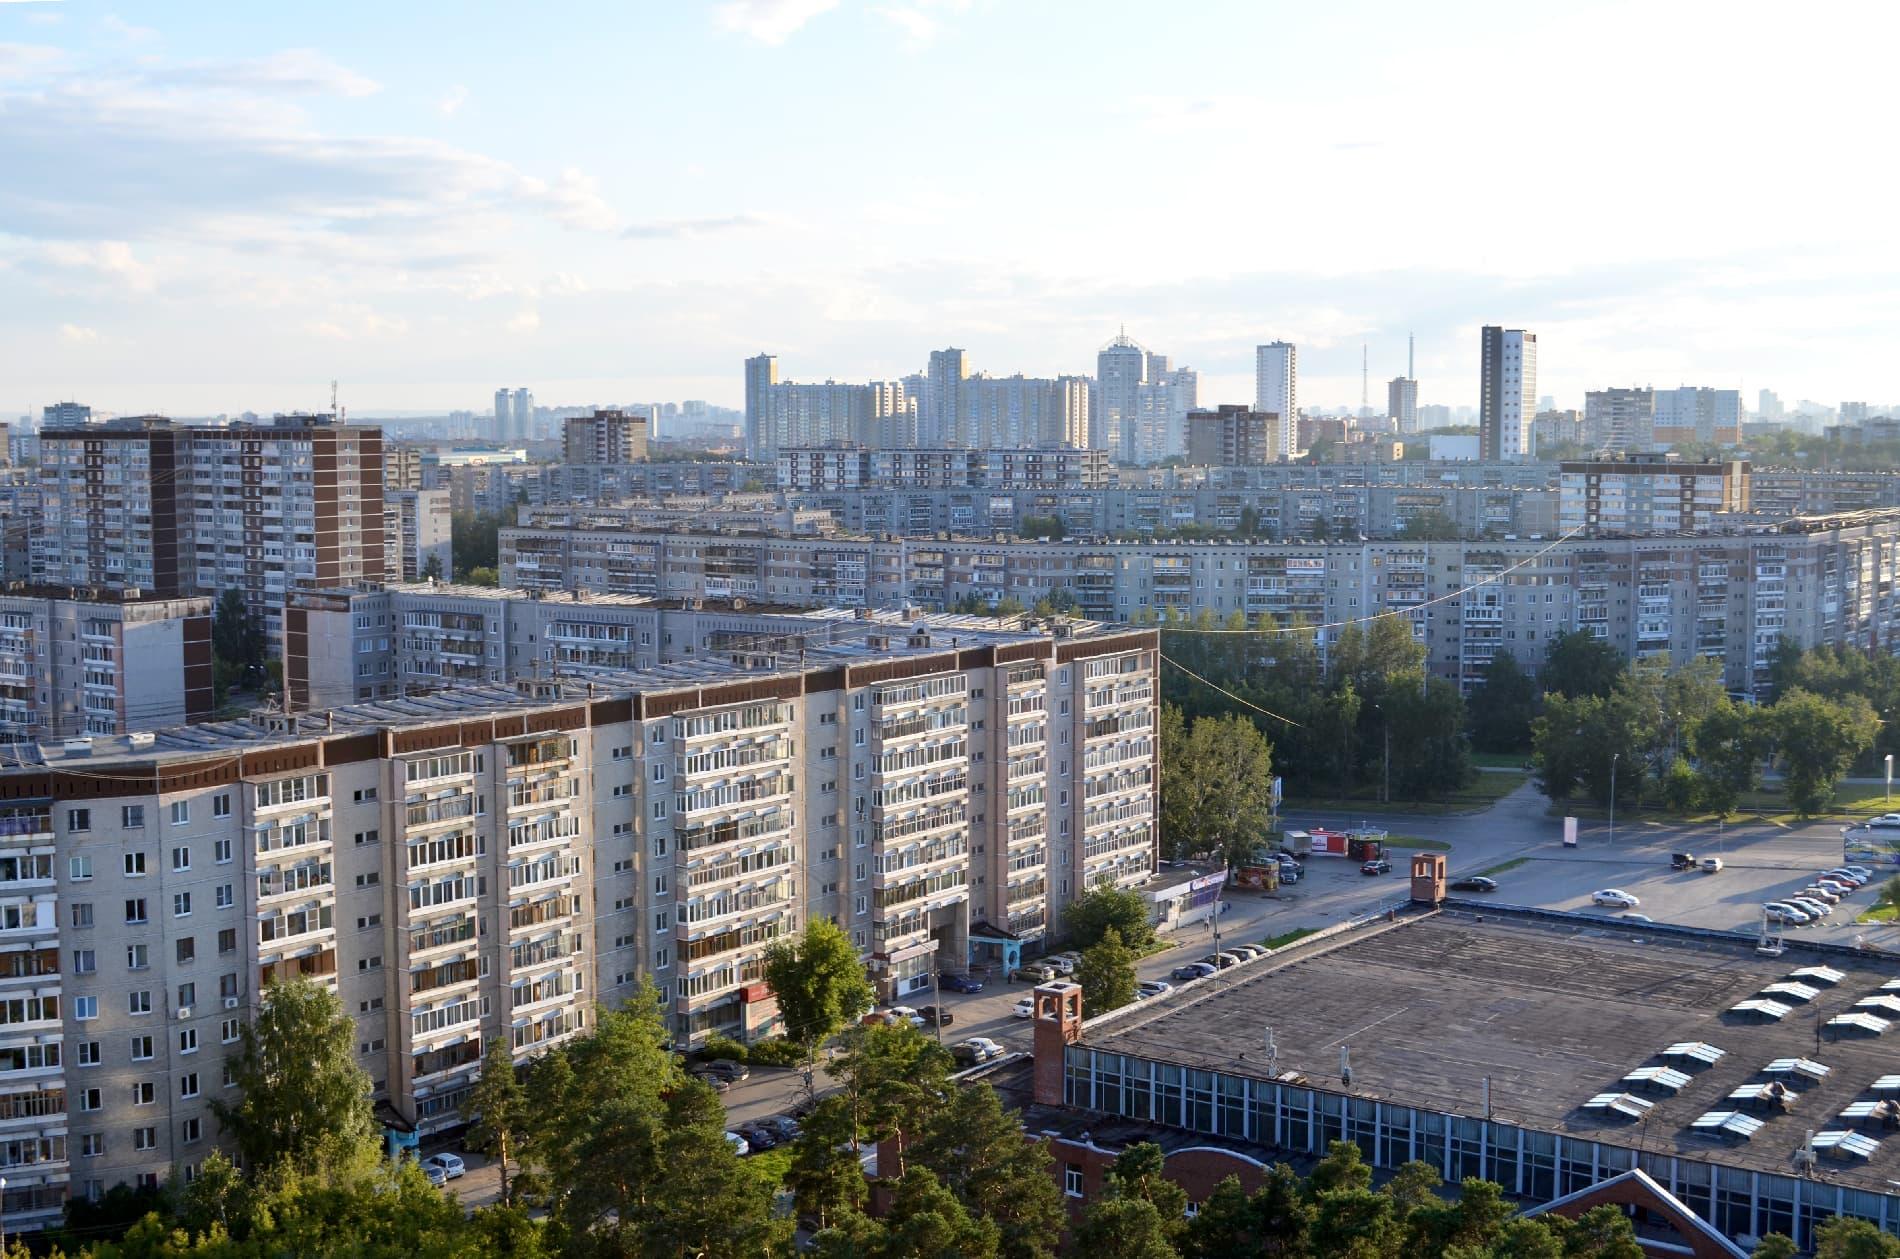 Панорама районов МЖК и ЖБИ. Фото Митрохиной Марины